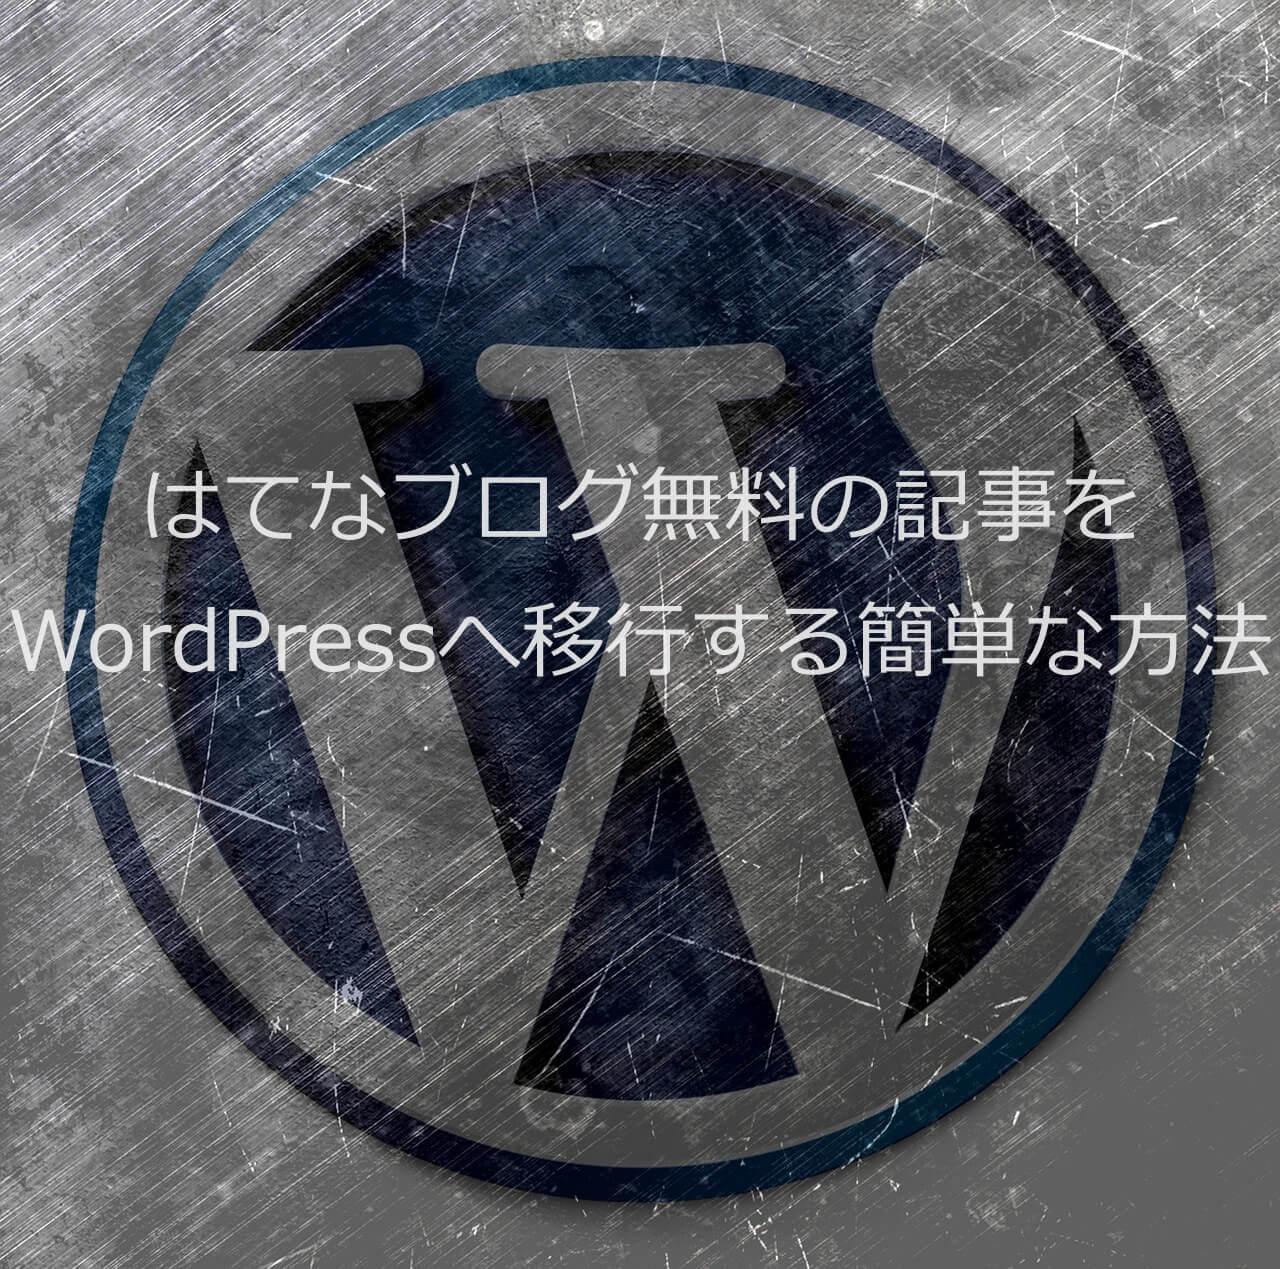 はてなブログ無料の記事をWordPressへ移行する簡単な方法